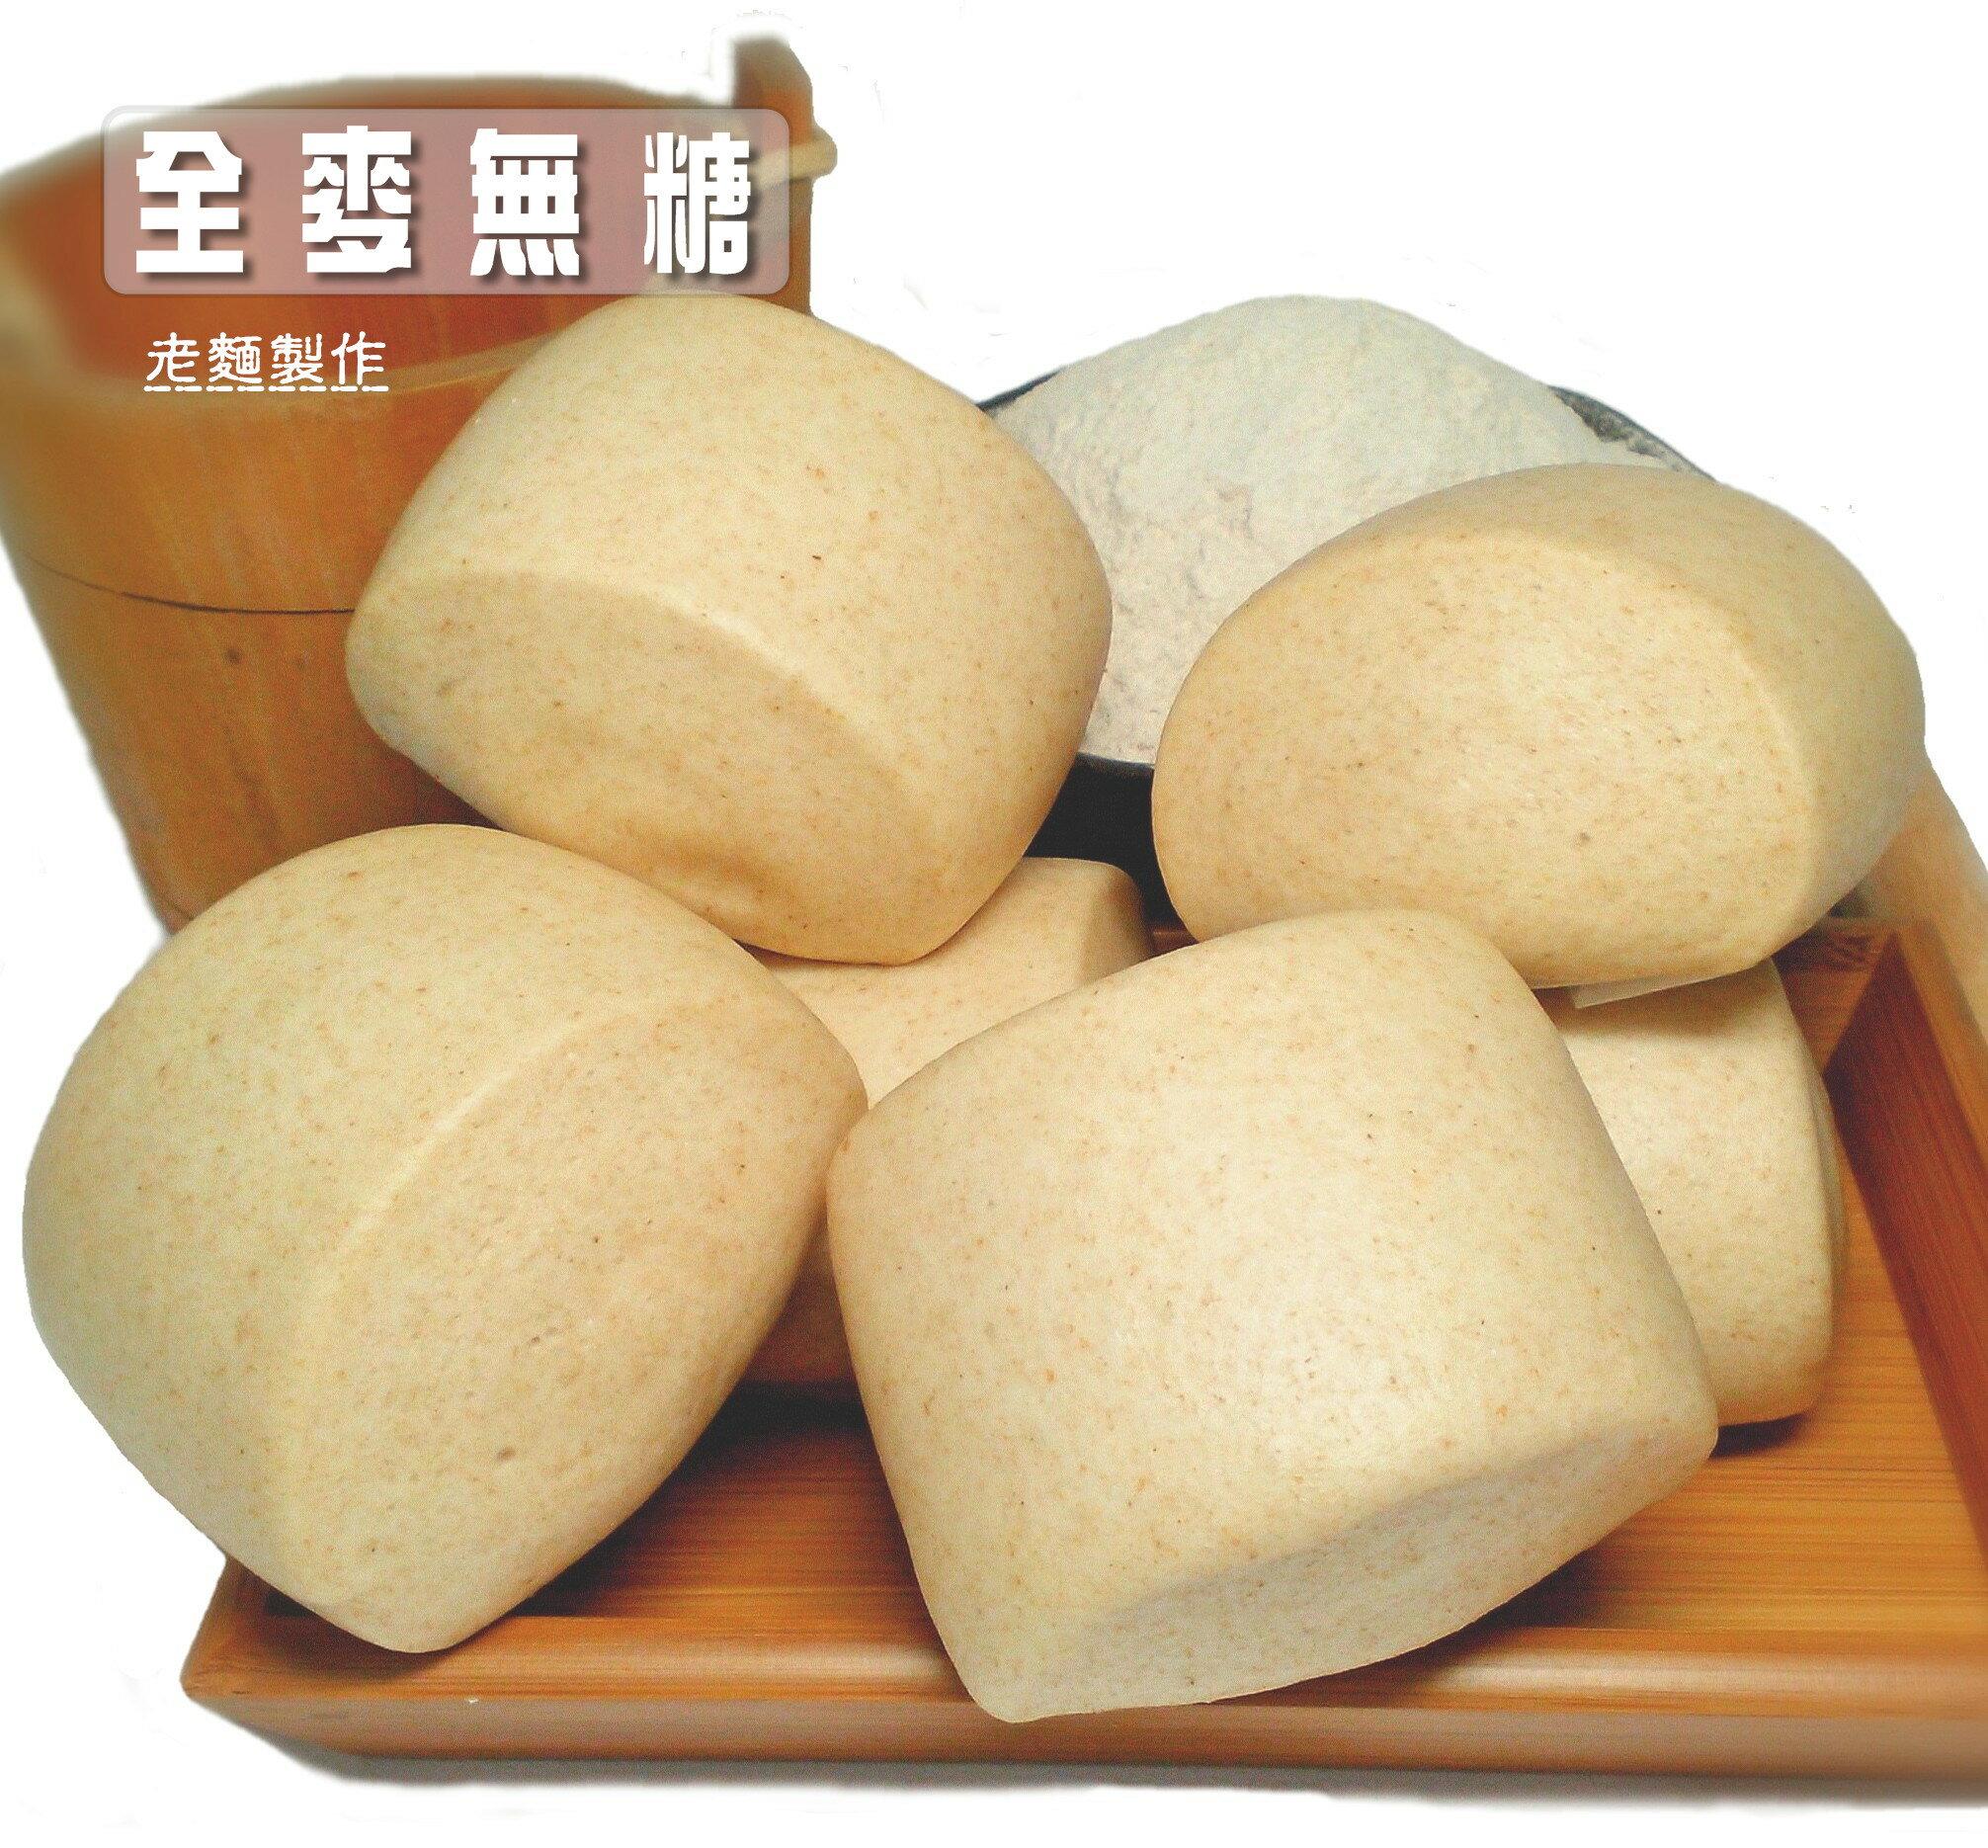 【木子先生老麵養身健康饅頭】全麥無糖饅頭(全素)*5顆一袋